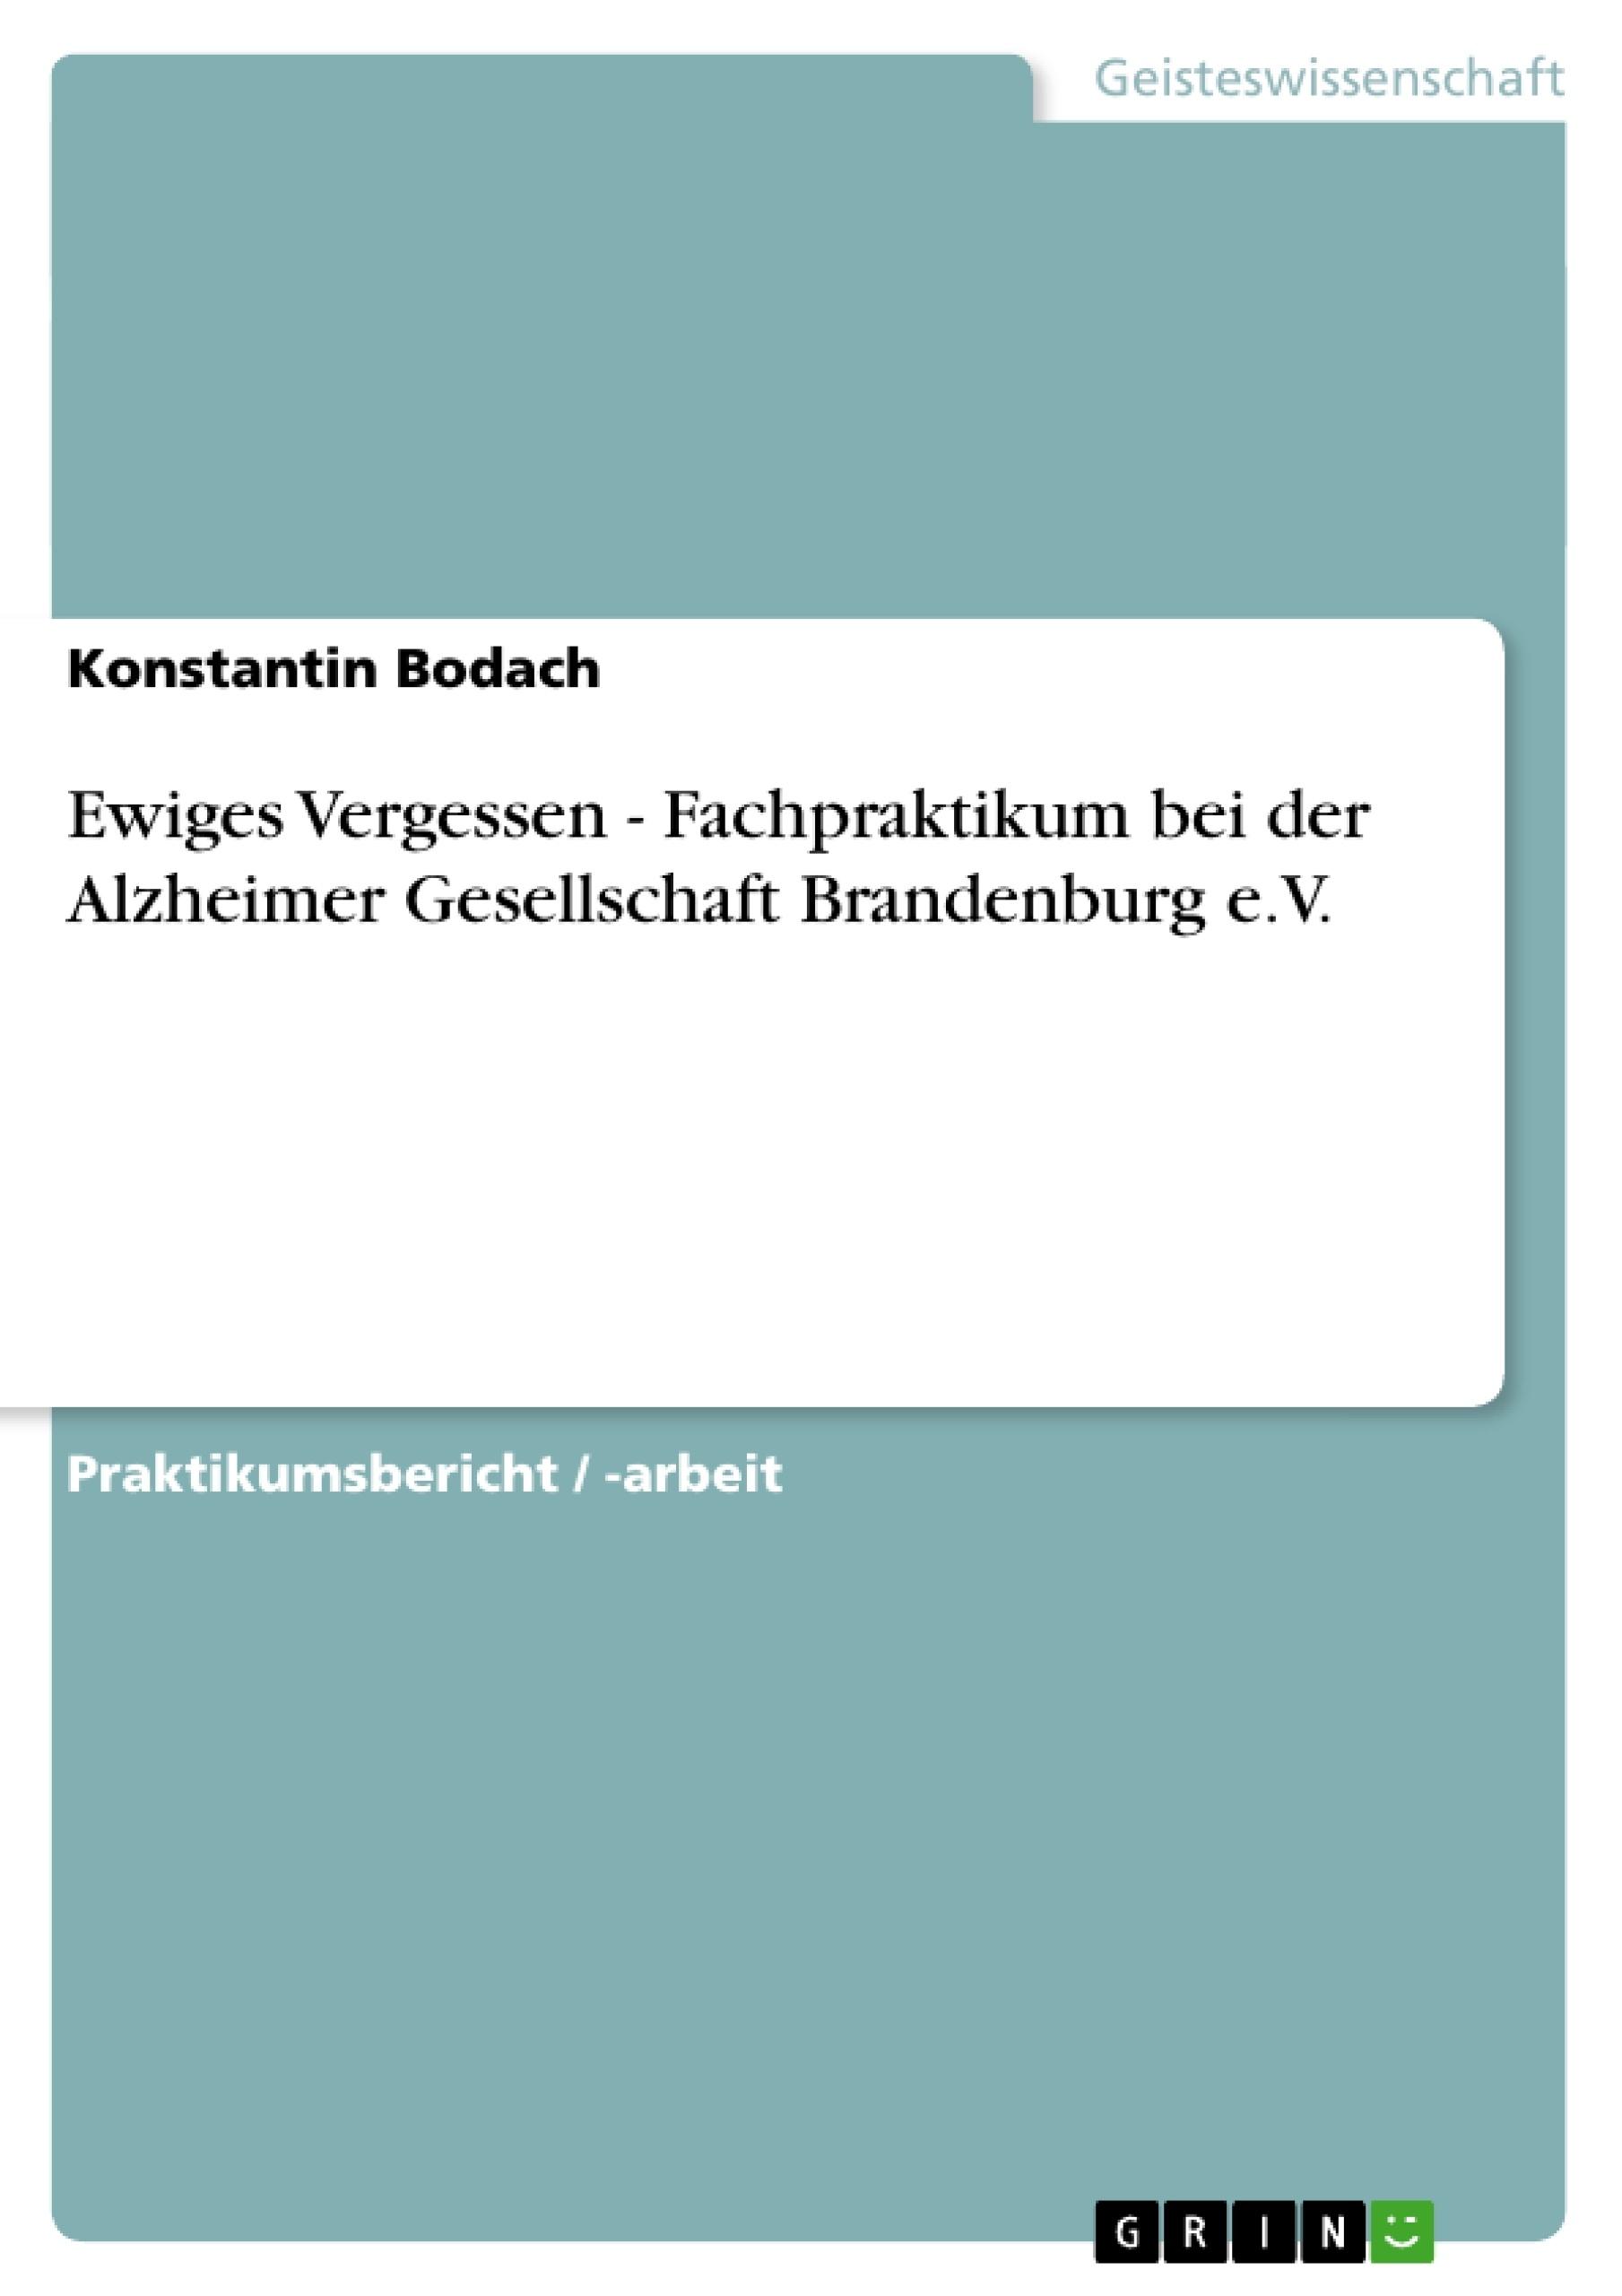 Titel: Ewiges Vergessen - Fachpraktikum bei der Alzheimer Gesellschaft Brandenburg e.V.